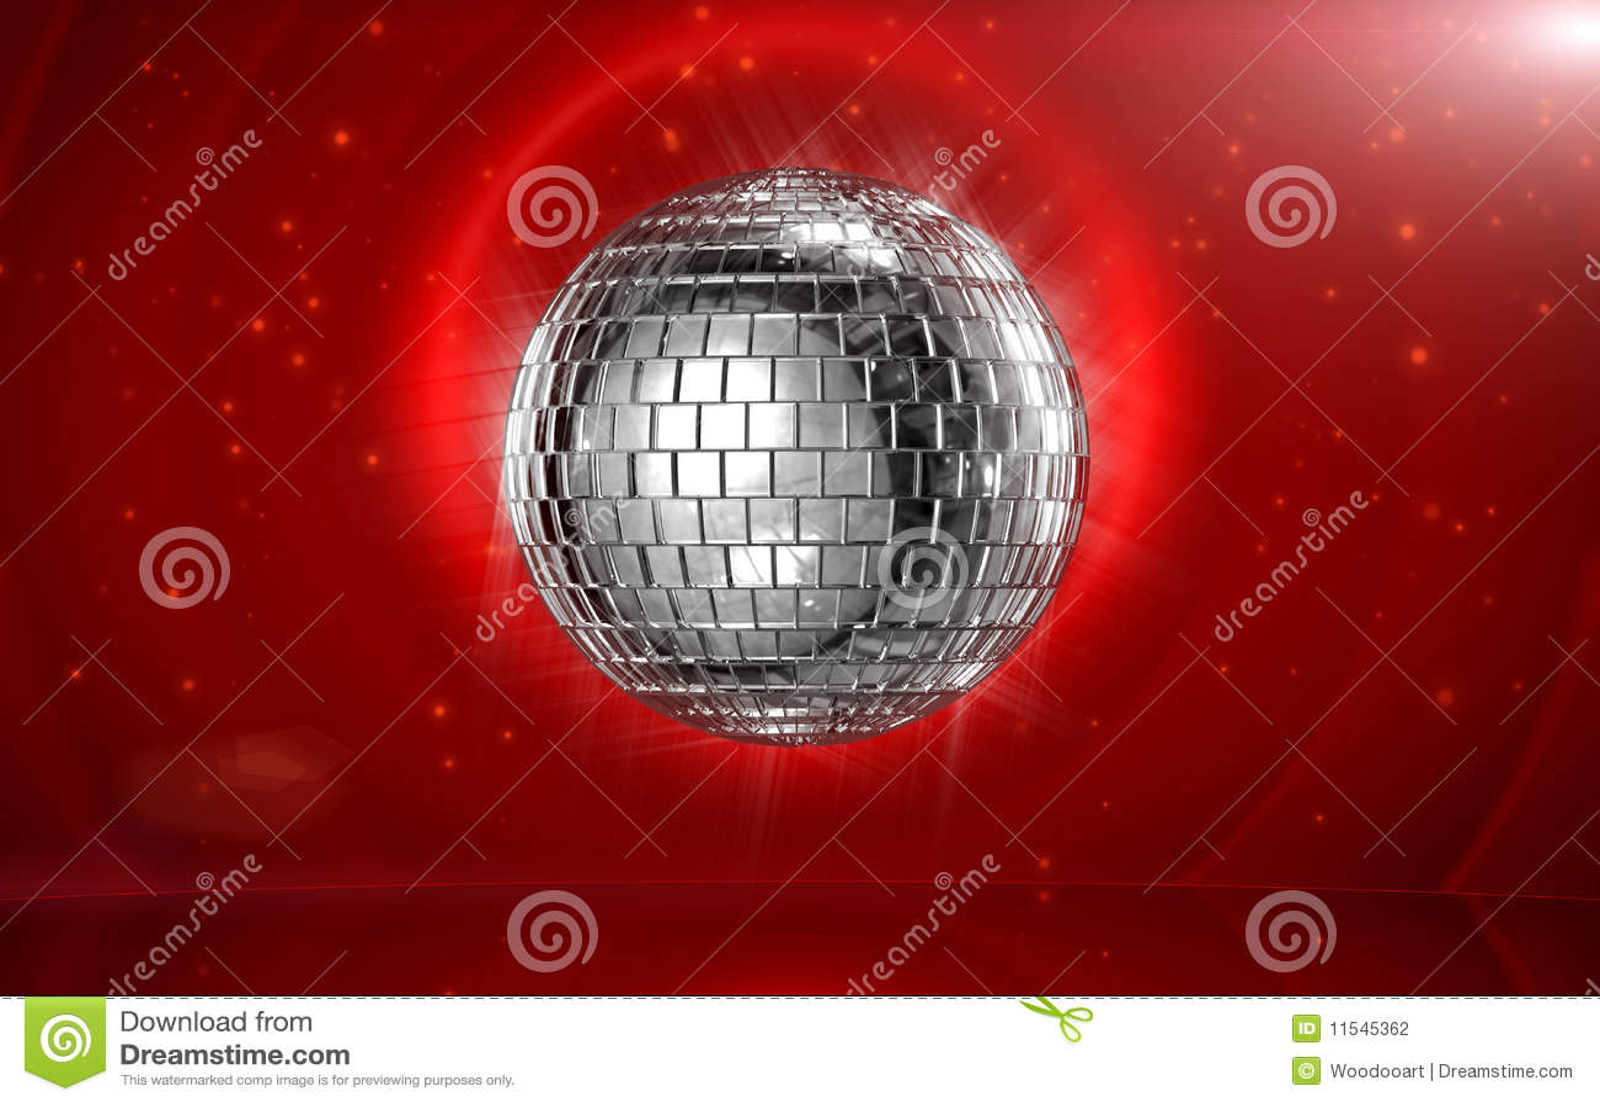 Esfera do disco no estágio vermelho